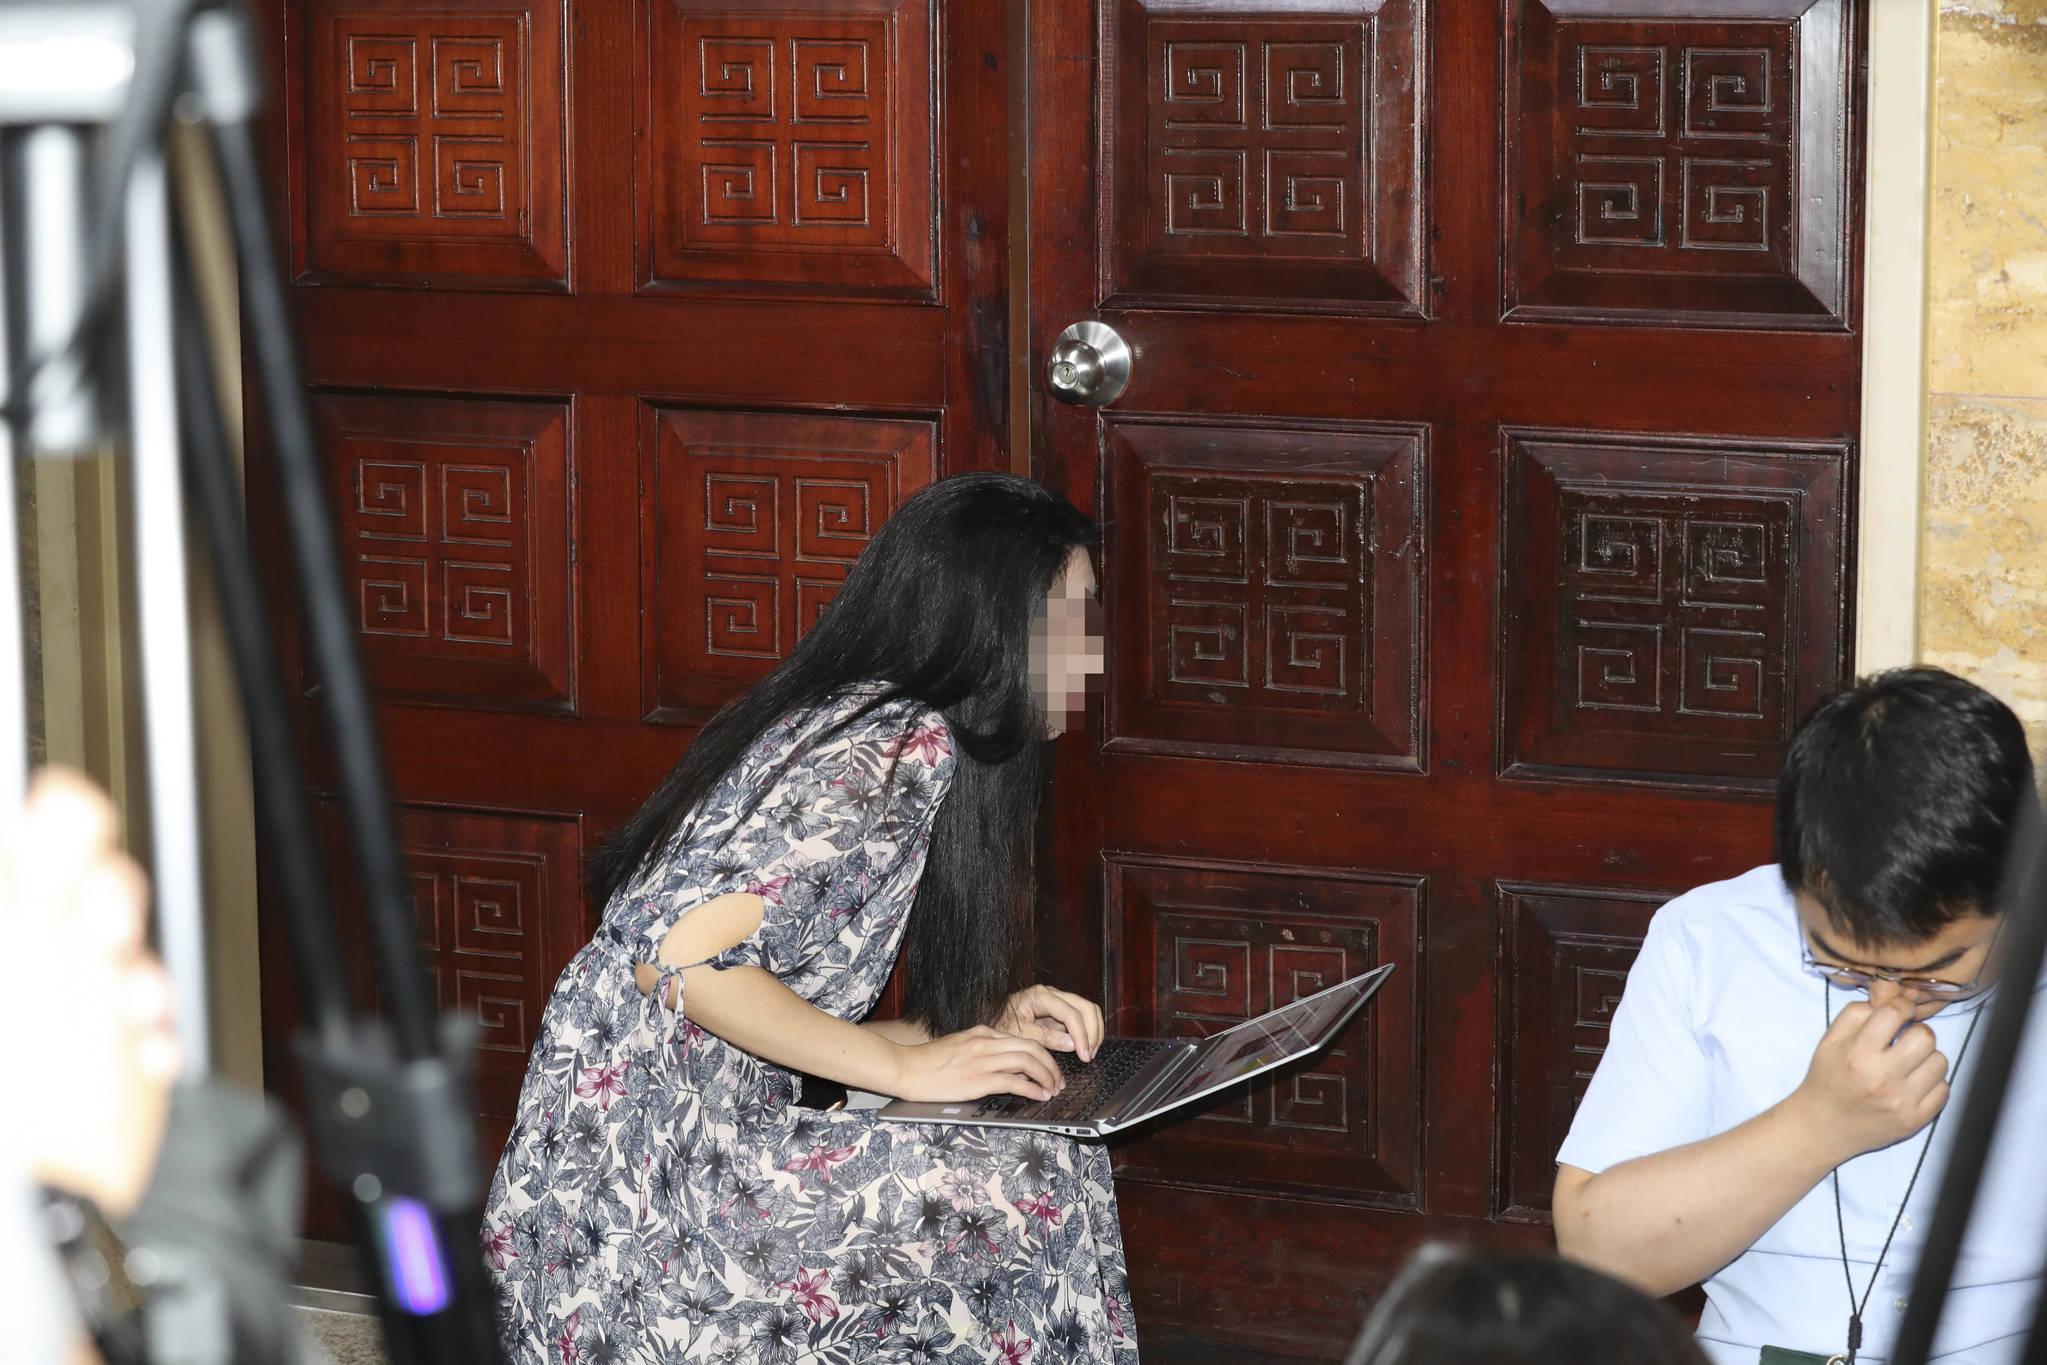 한 기자가 9일 오전 국회에서 열린 20대 국회 하반기 원 구성을 위한 국회 교섭단체 원내대표와 부대표들 회의장 분위기를 알기위해 회의장 밖에서 문에 귀를 대고 있다. 이날 회의에서는 참석자들 간 고성이 오가기도했다. 임현동 기자